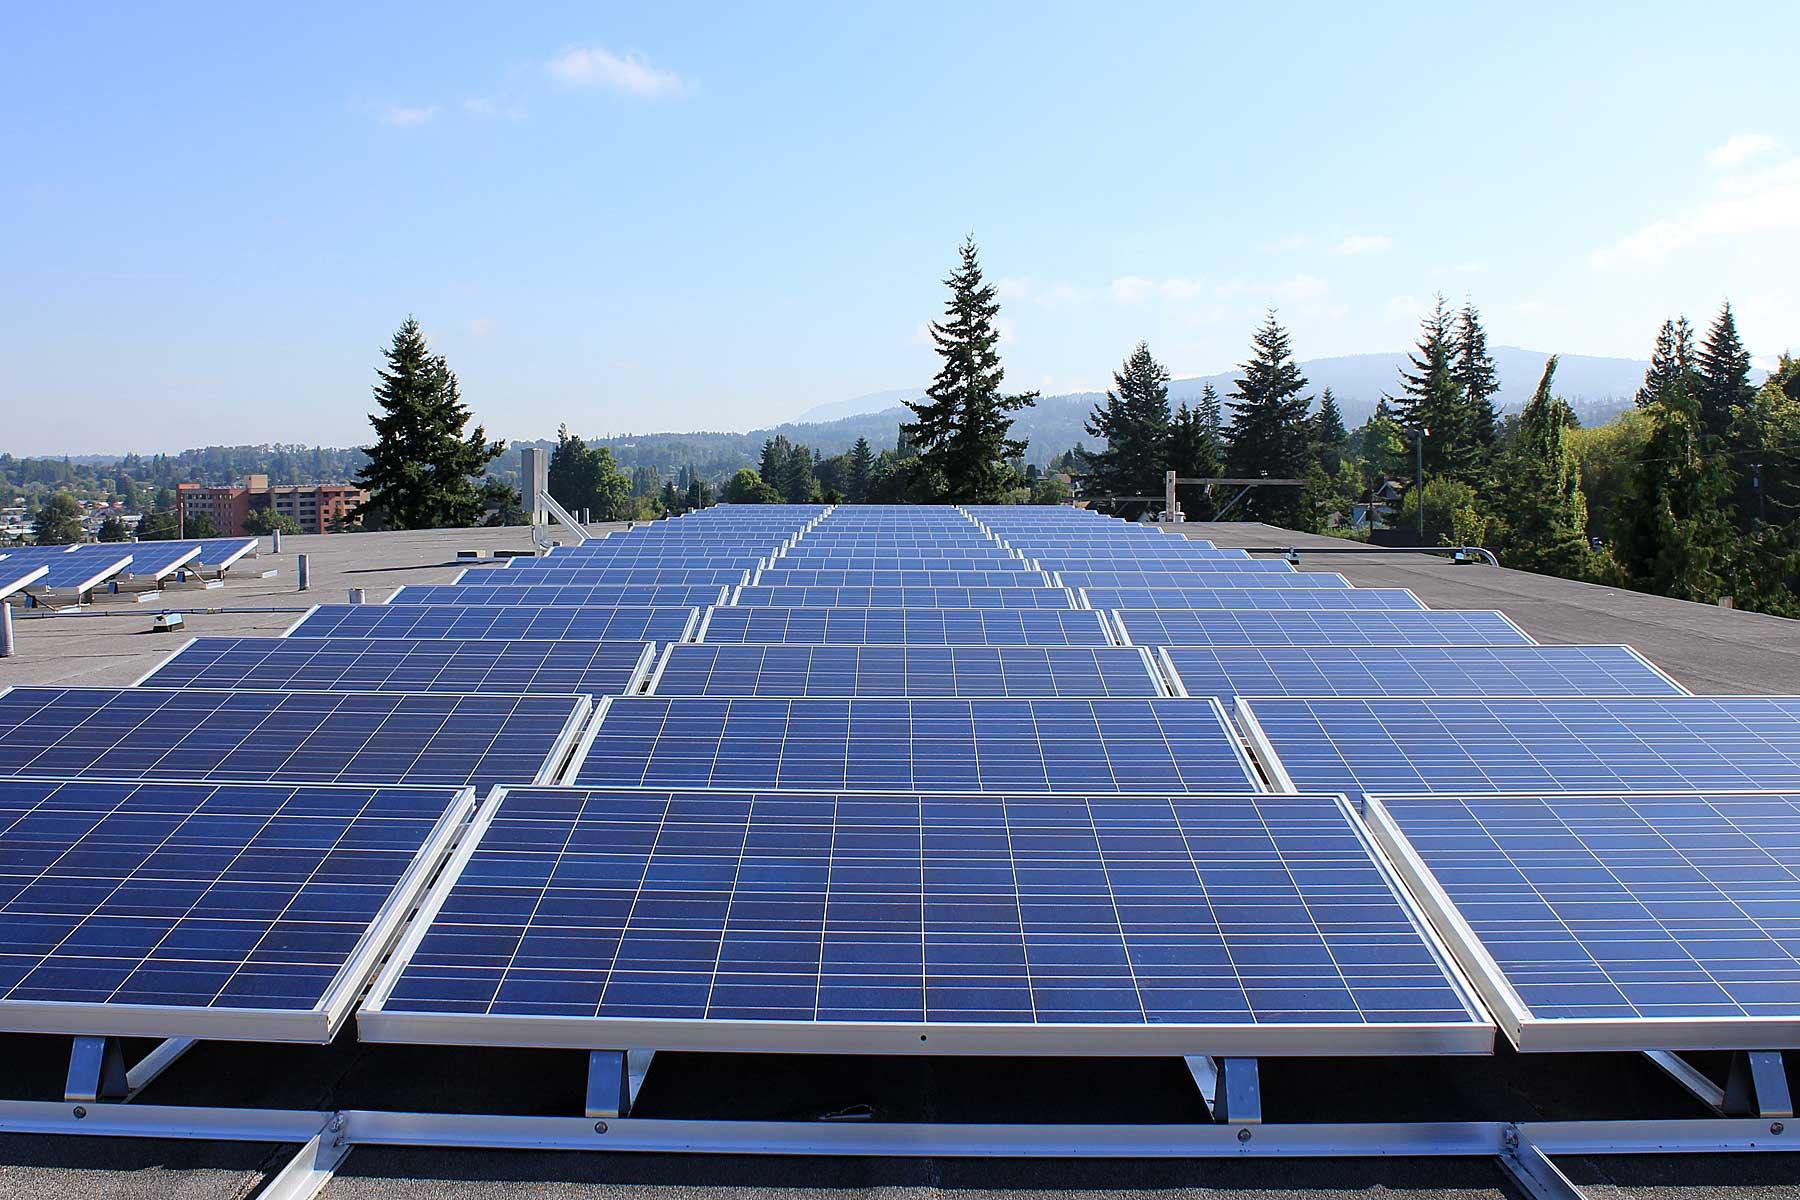 Солнечные батареи: устройство, принцип работы, плюсы и минусы